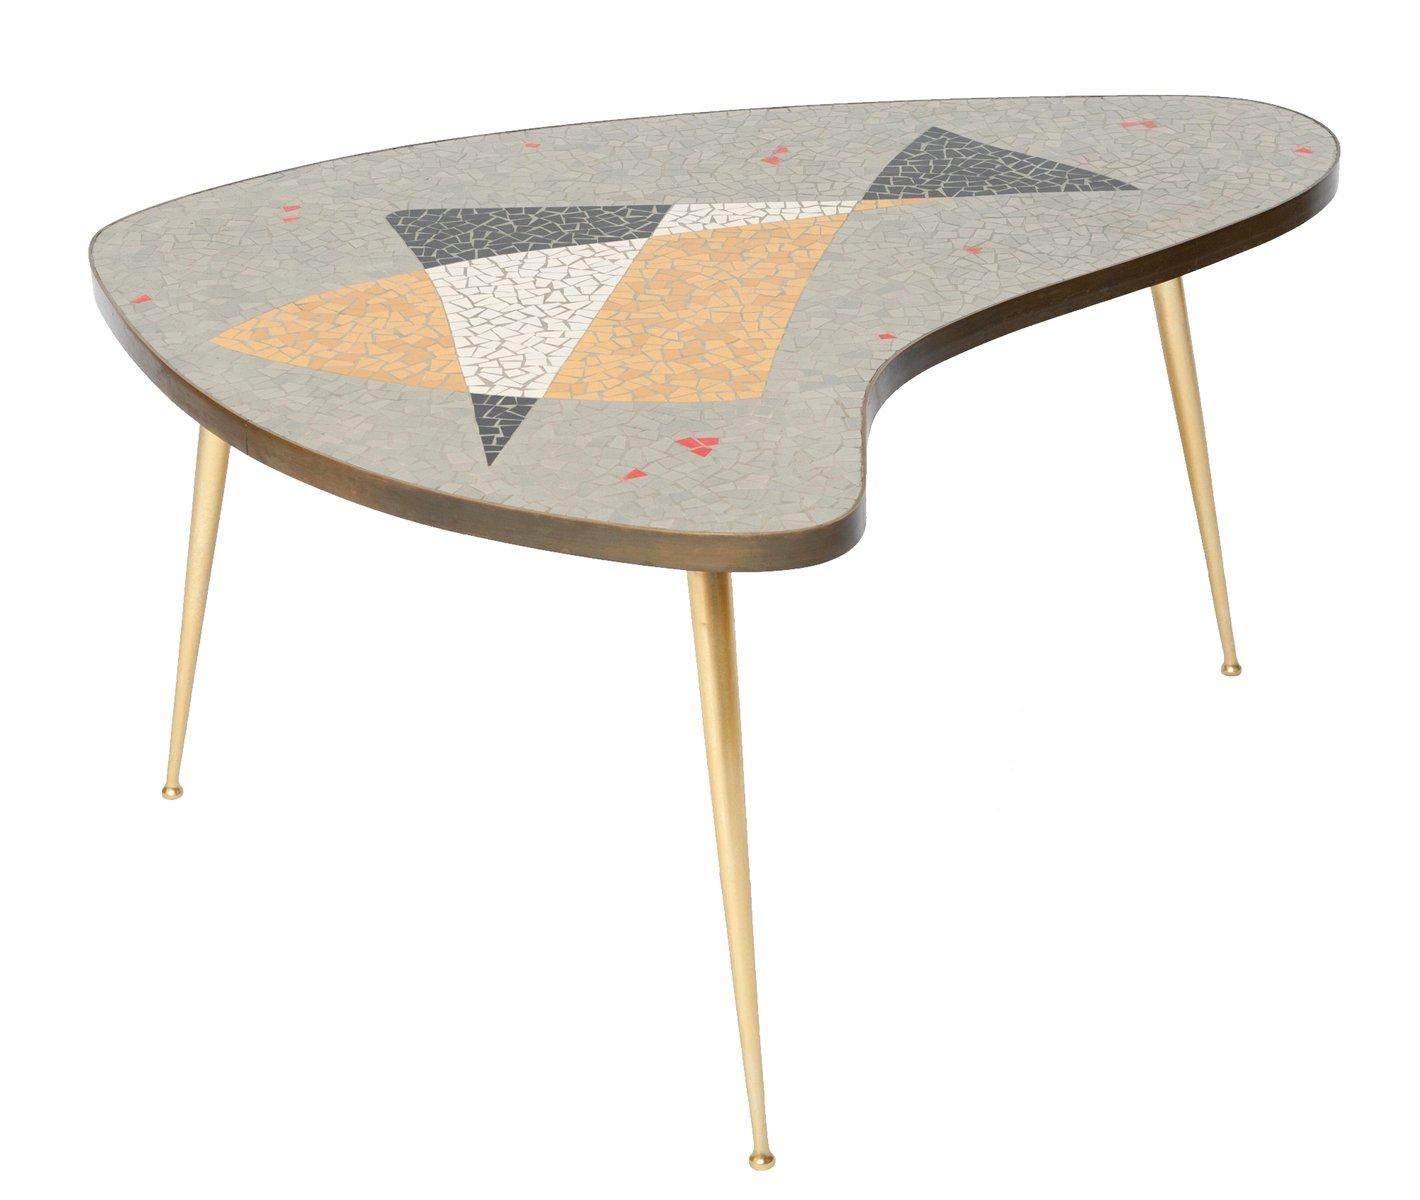 table basse en laiton avec mosa que 1955 en vente sur pamono. Black Bedroom Furniture Sets. Home Design Ideas